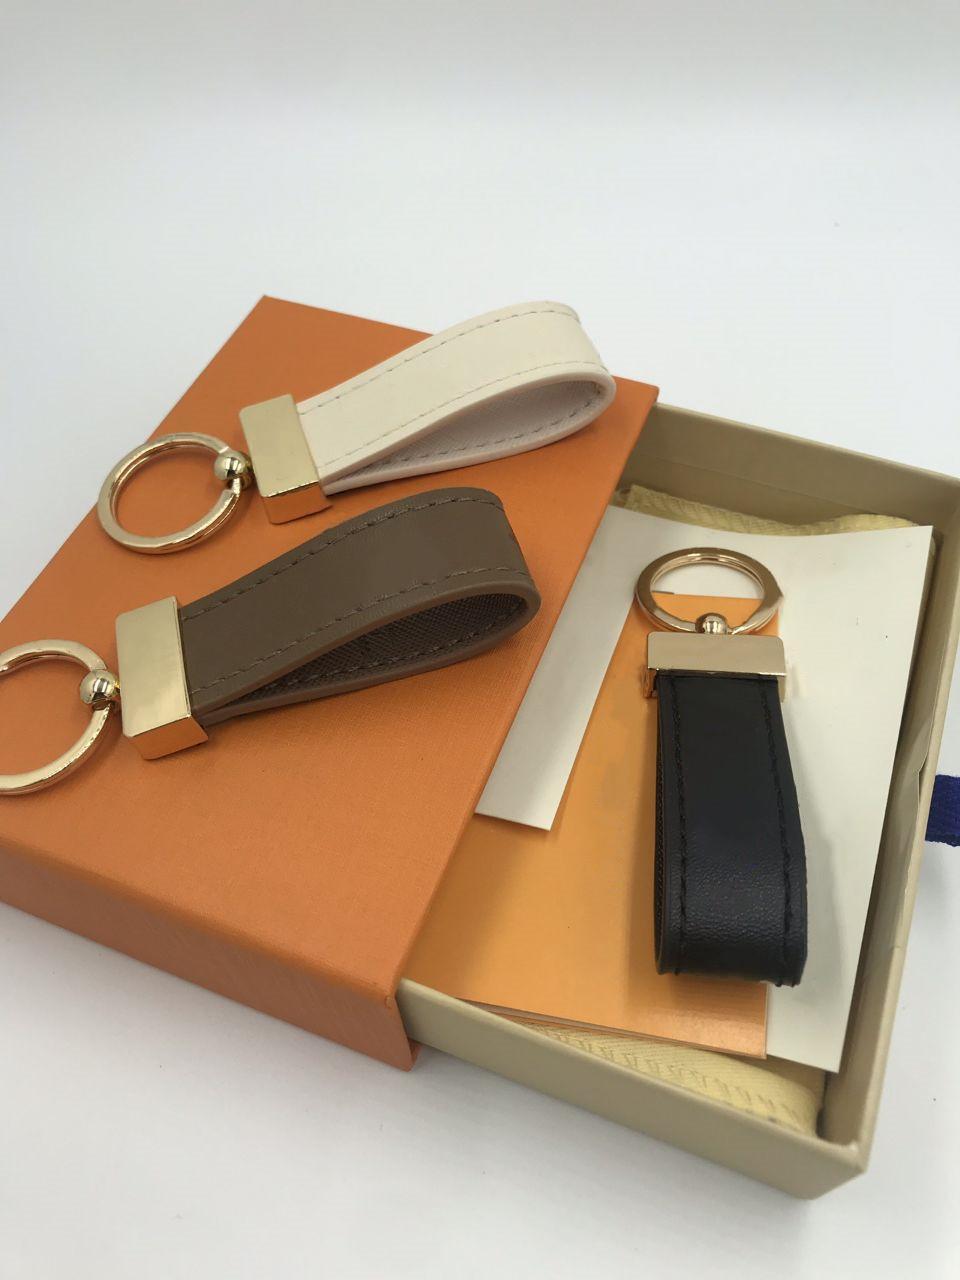 أزياء مفتاح سيارة بوكلي سلسلة المفاتيح الجلدية المصنوعة يدويا الحلي رجل إمرأة حقيبة قلادة اكسسوارات 9 اللون